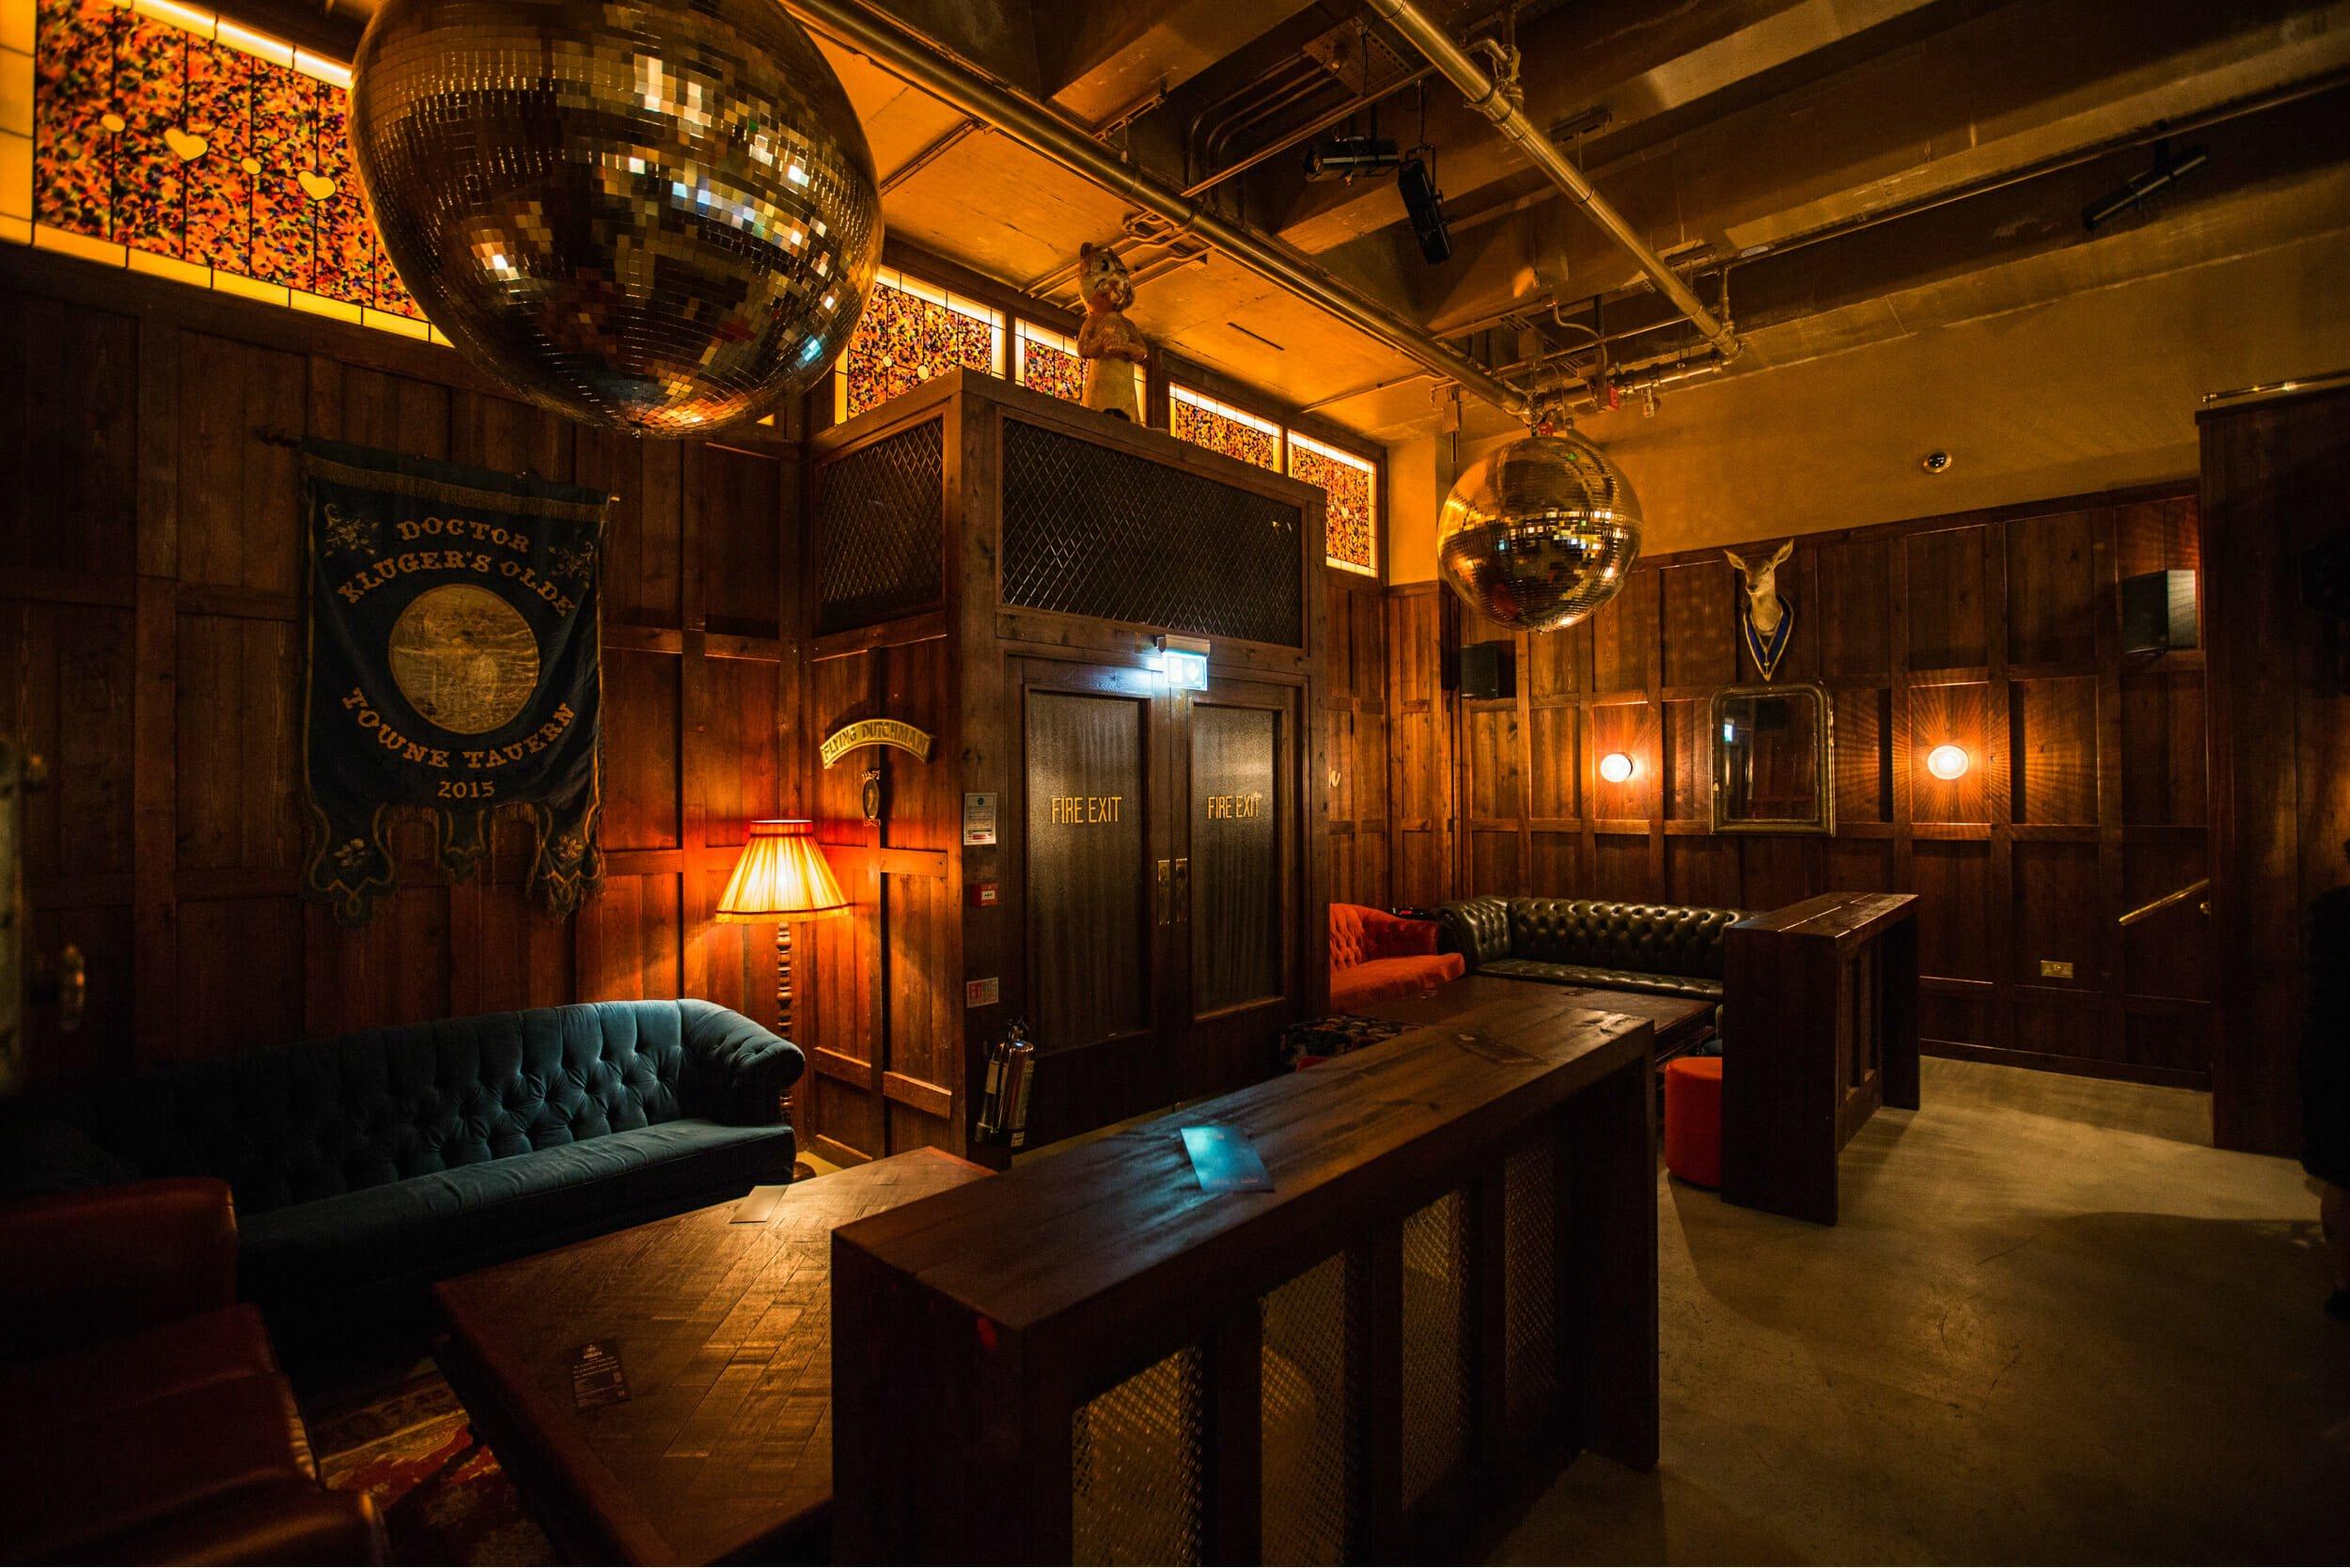 Breakfast Club Canary Wharf